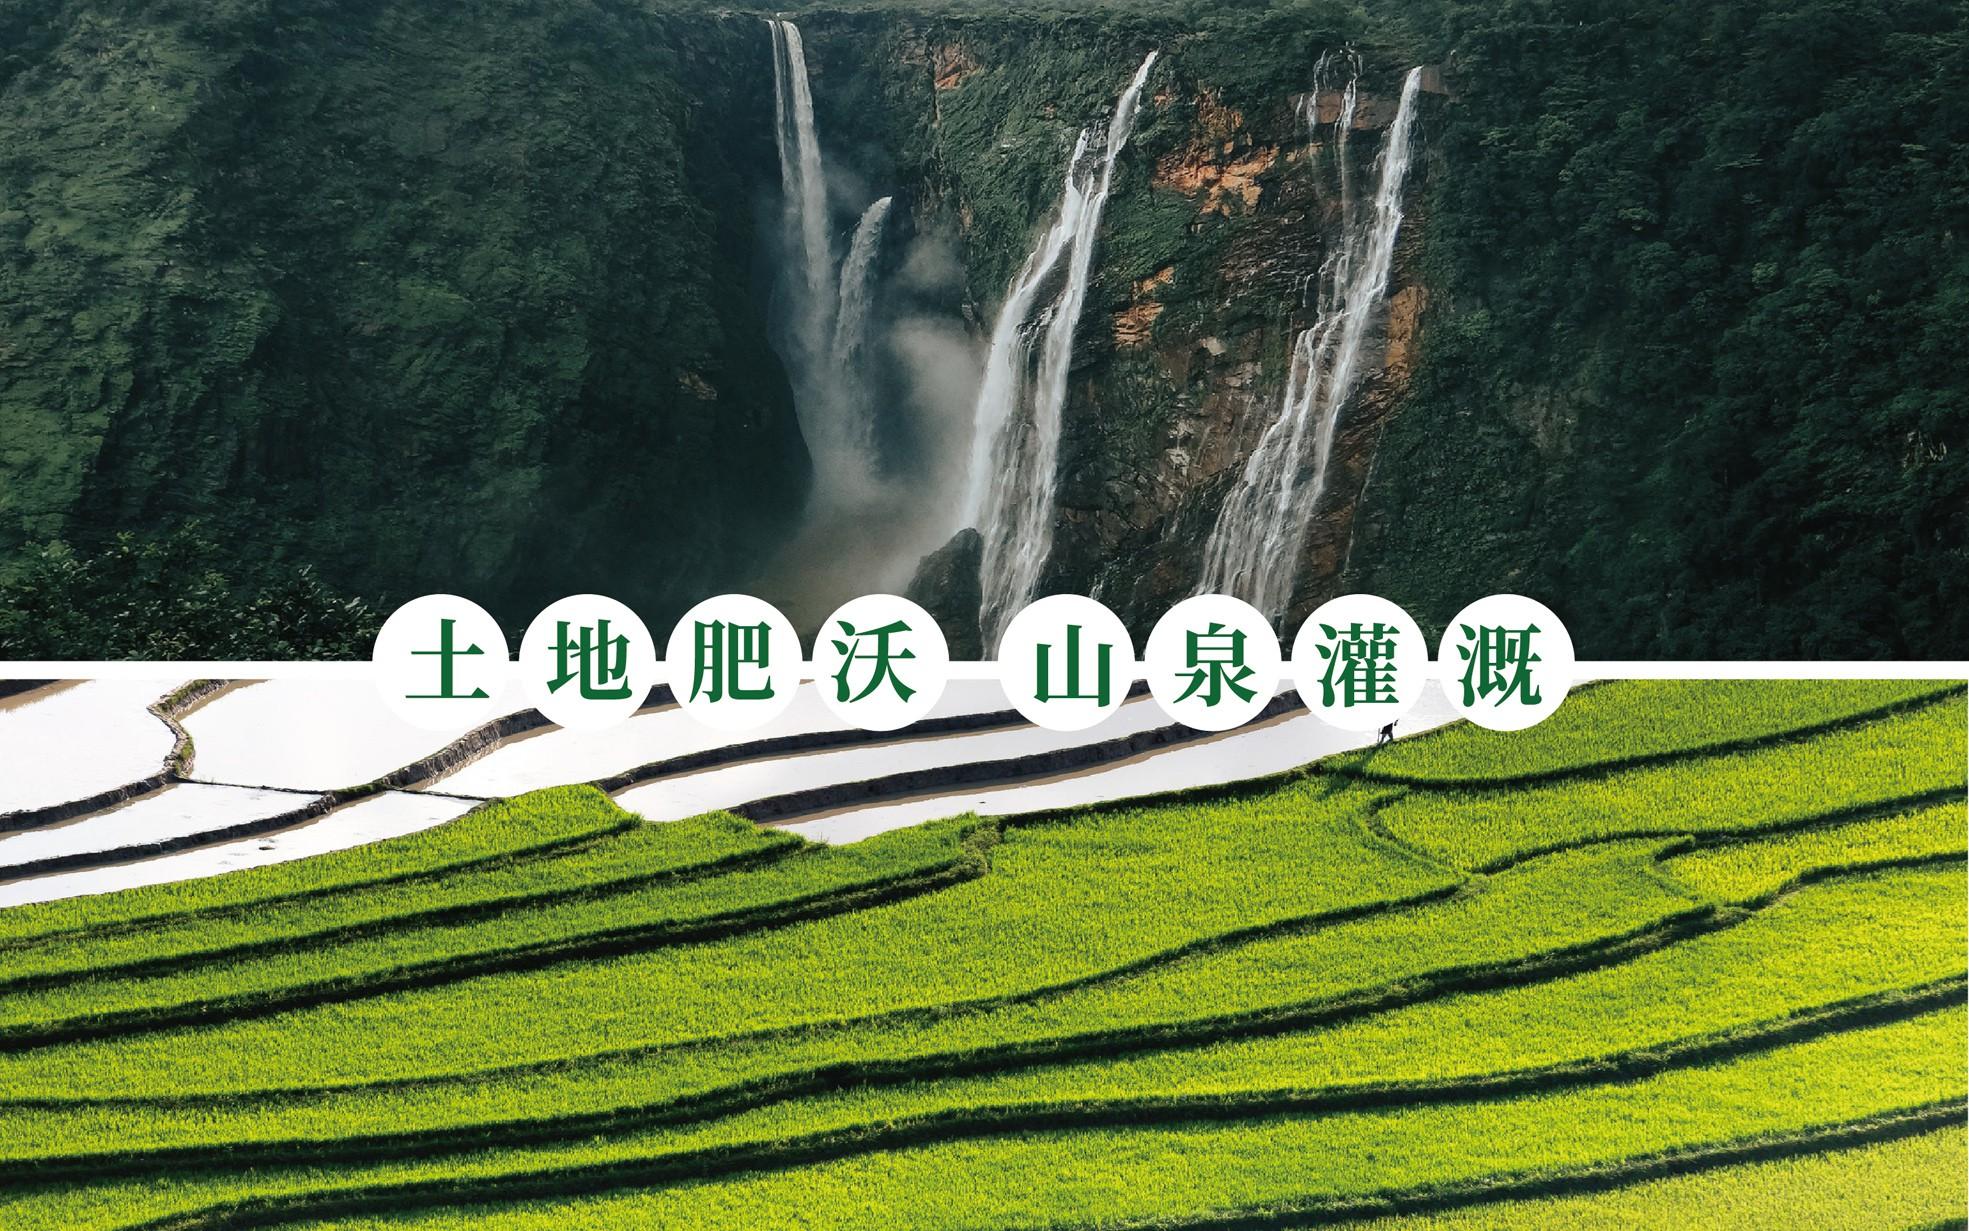 土地肥沃,山泉灌溉